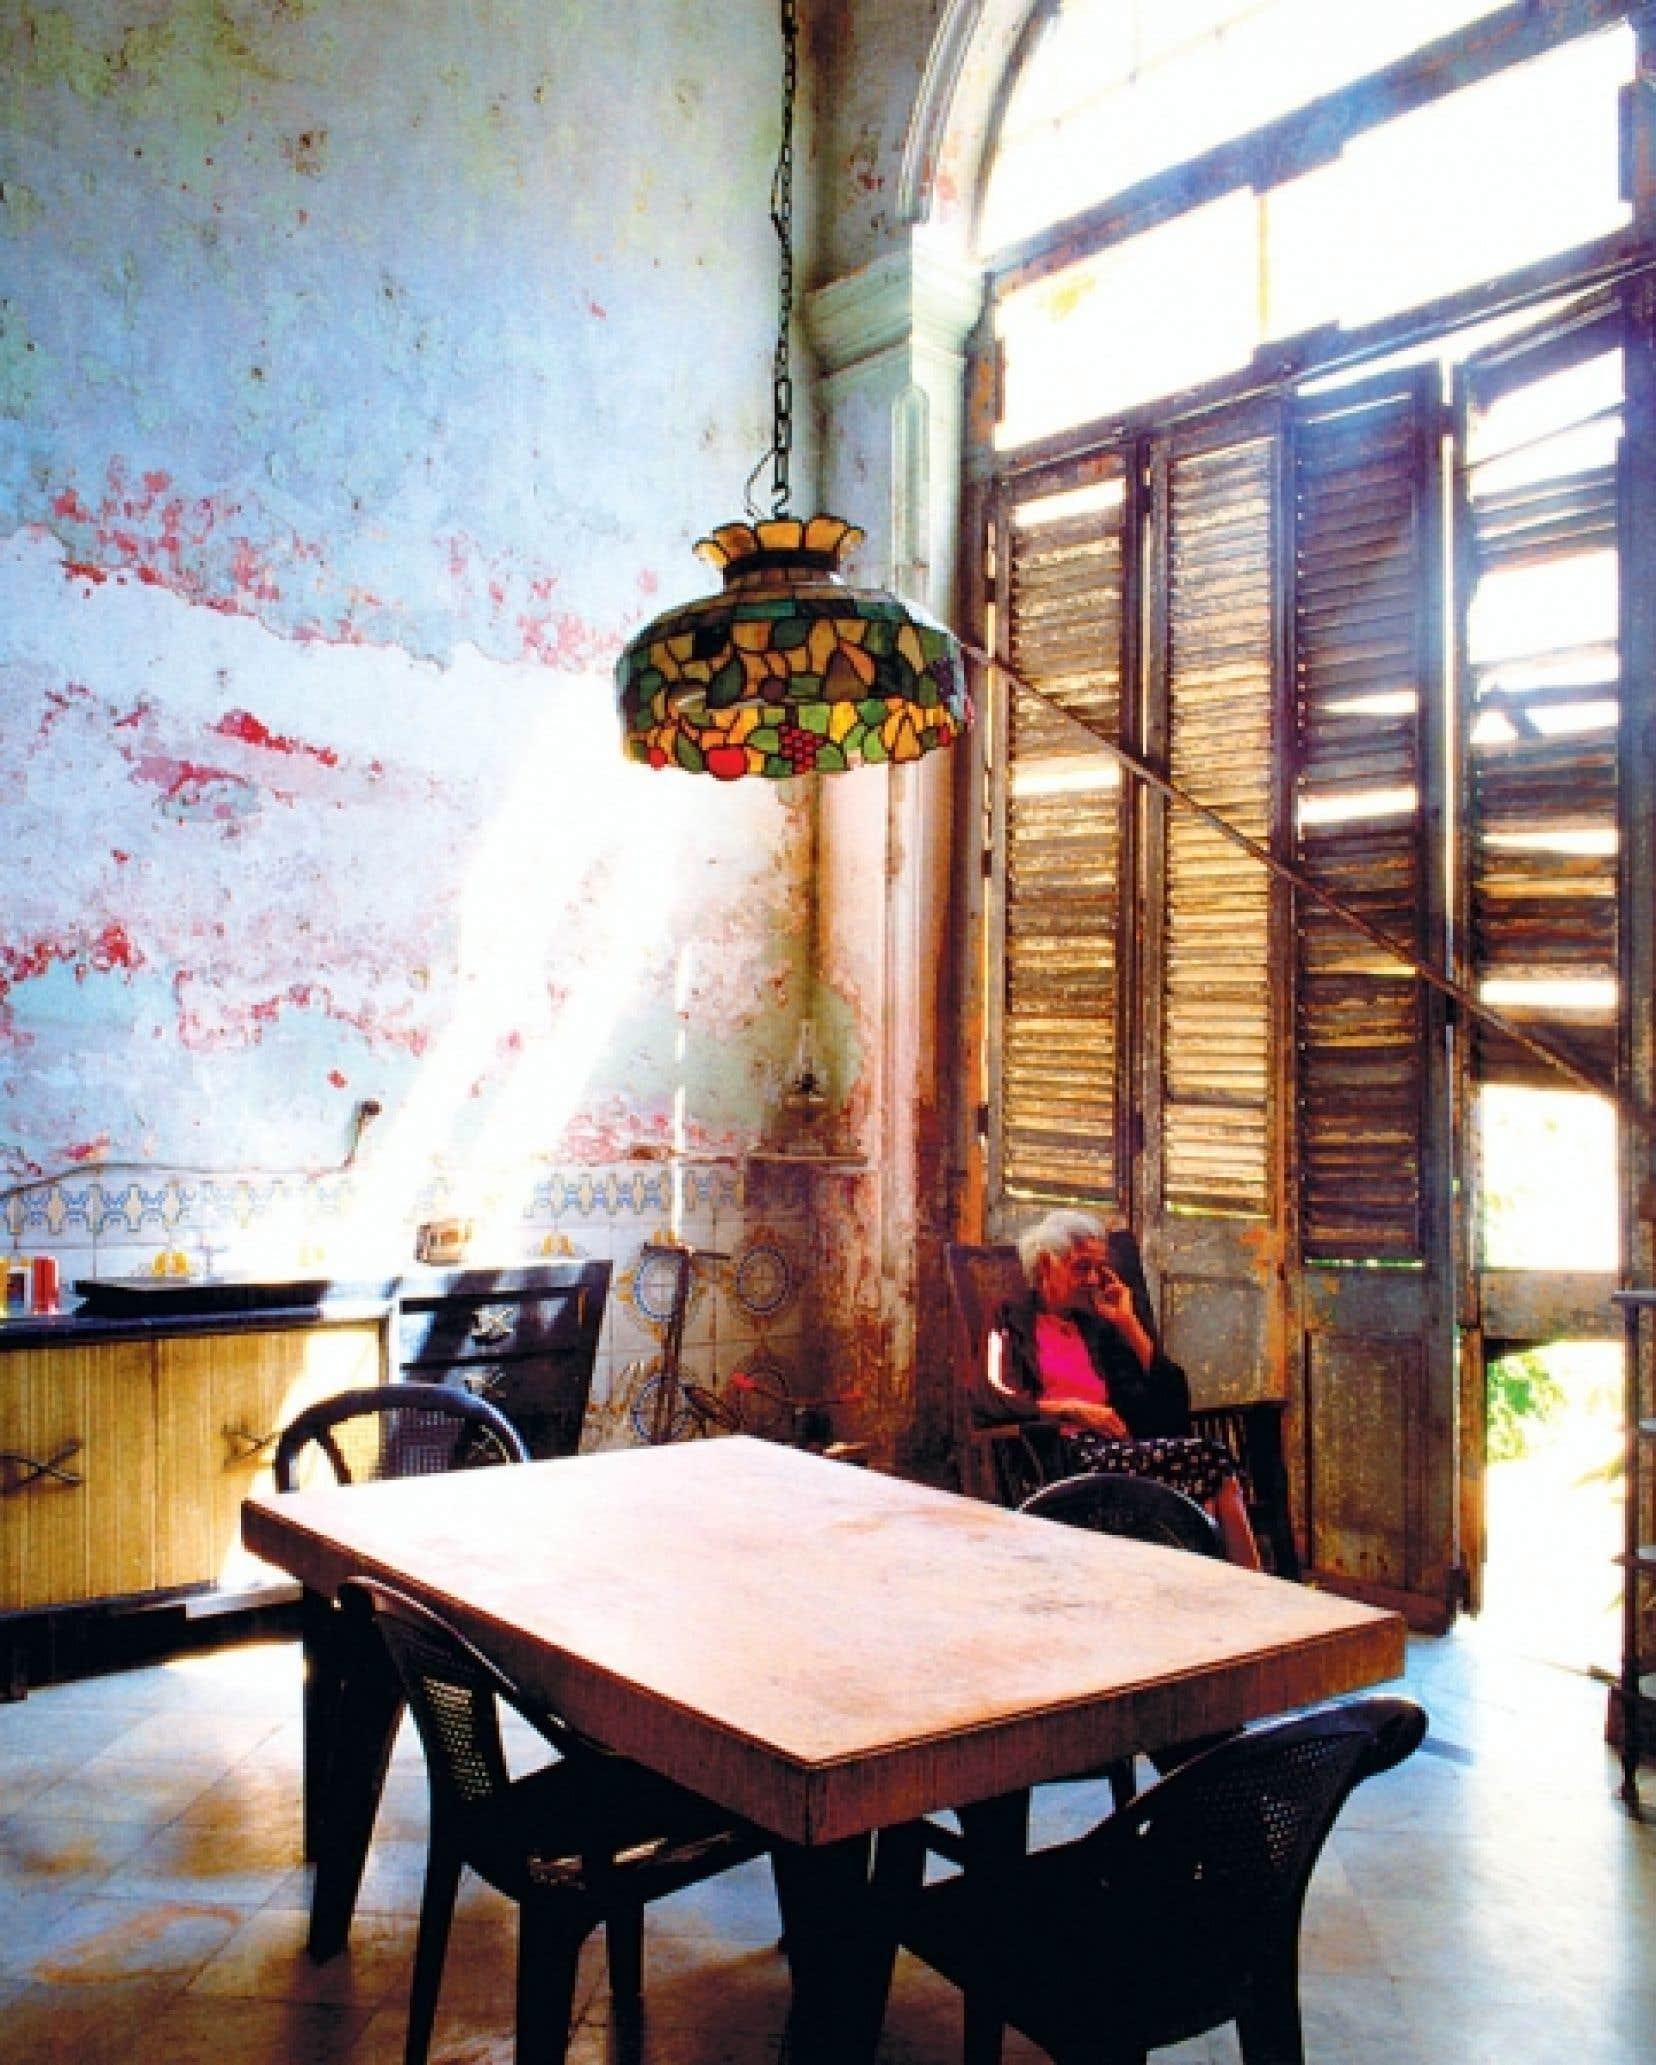 Salle à manger d'une maison ancienne transformée en plusieurs appartements, à La Havane<br />